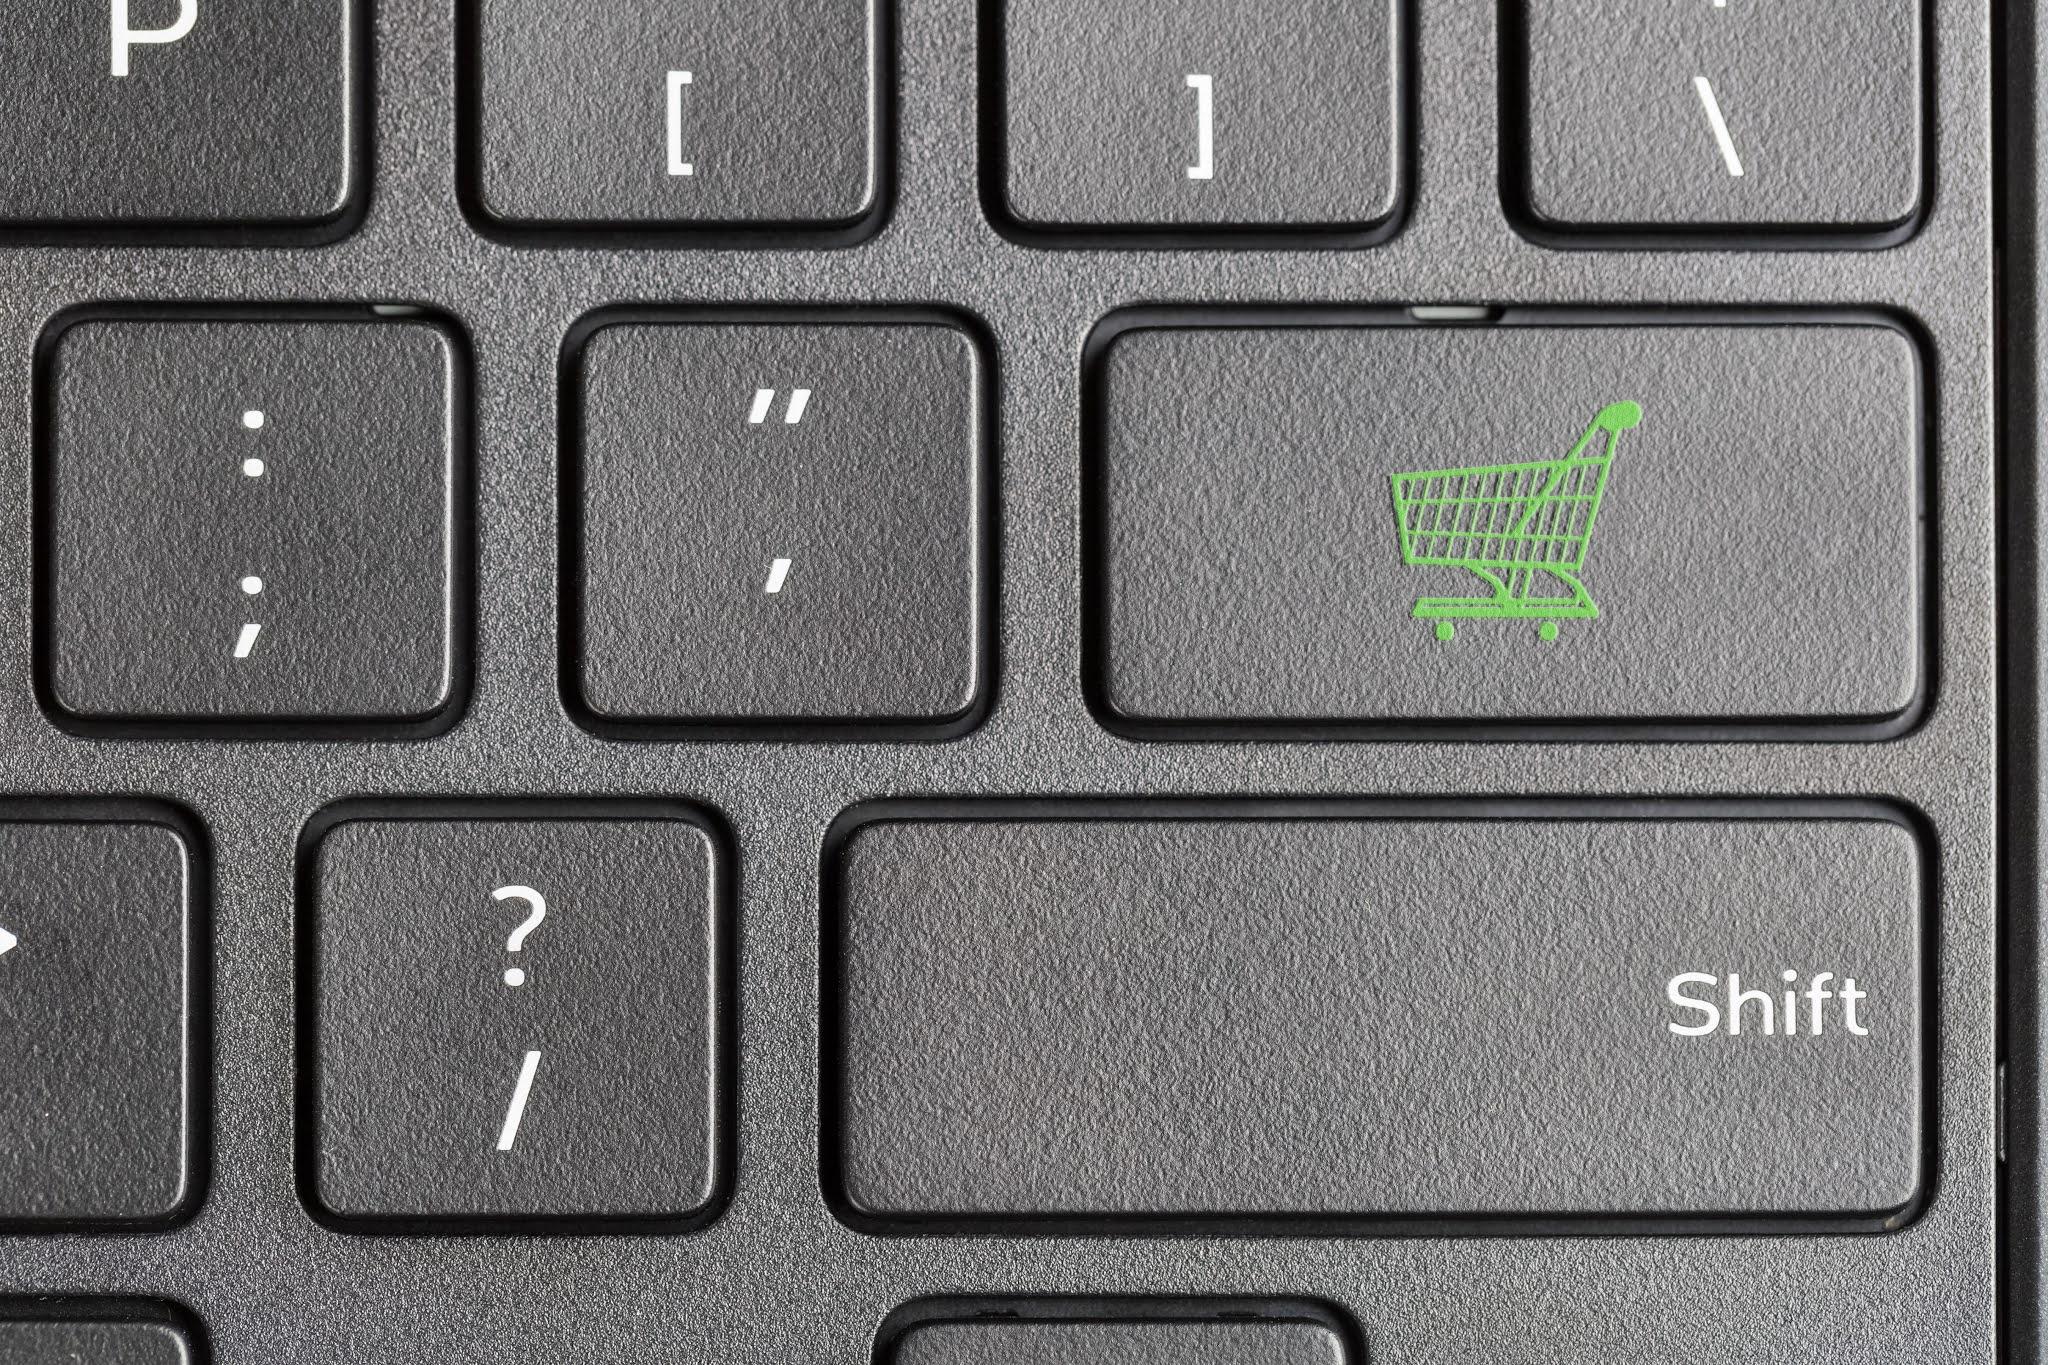 نمو مبيعات ShopWorn  للتسوق الالكتروني بنسبة 117 في المئة خلال جائحة كورونا